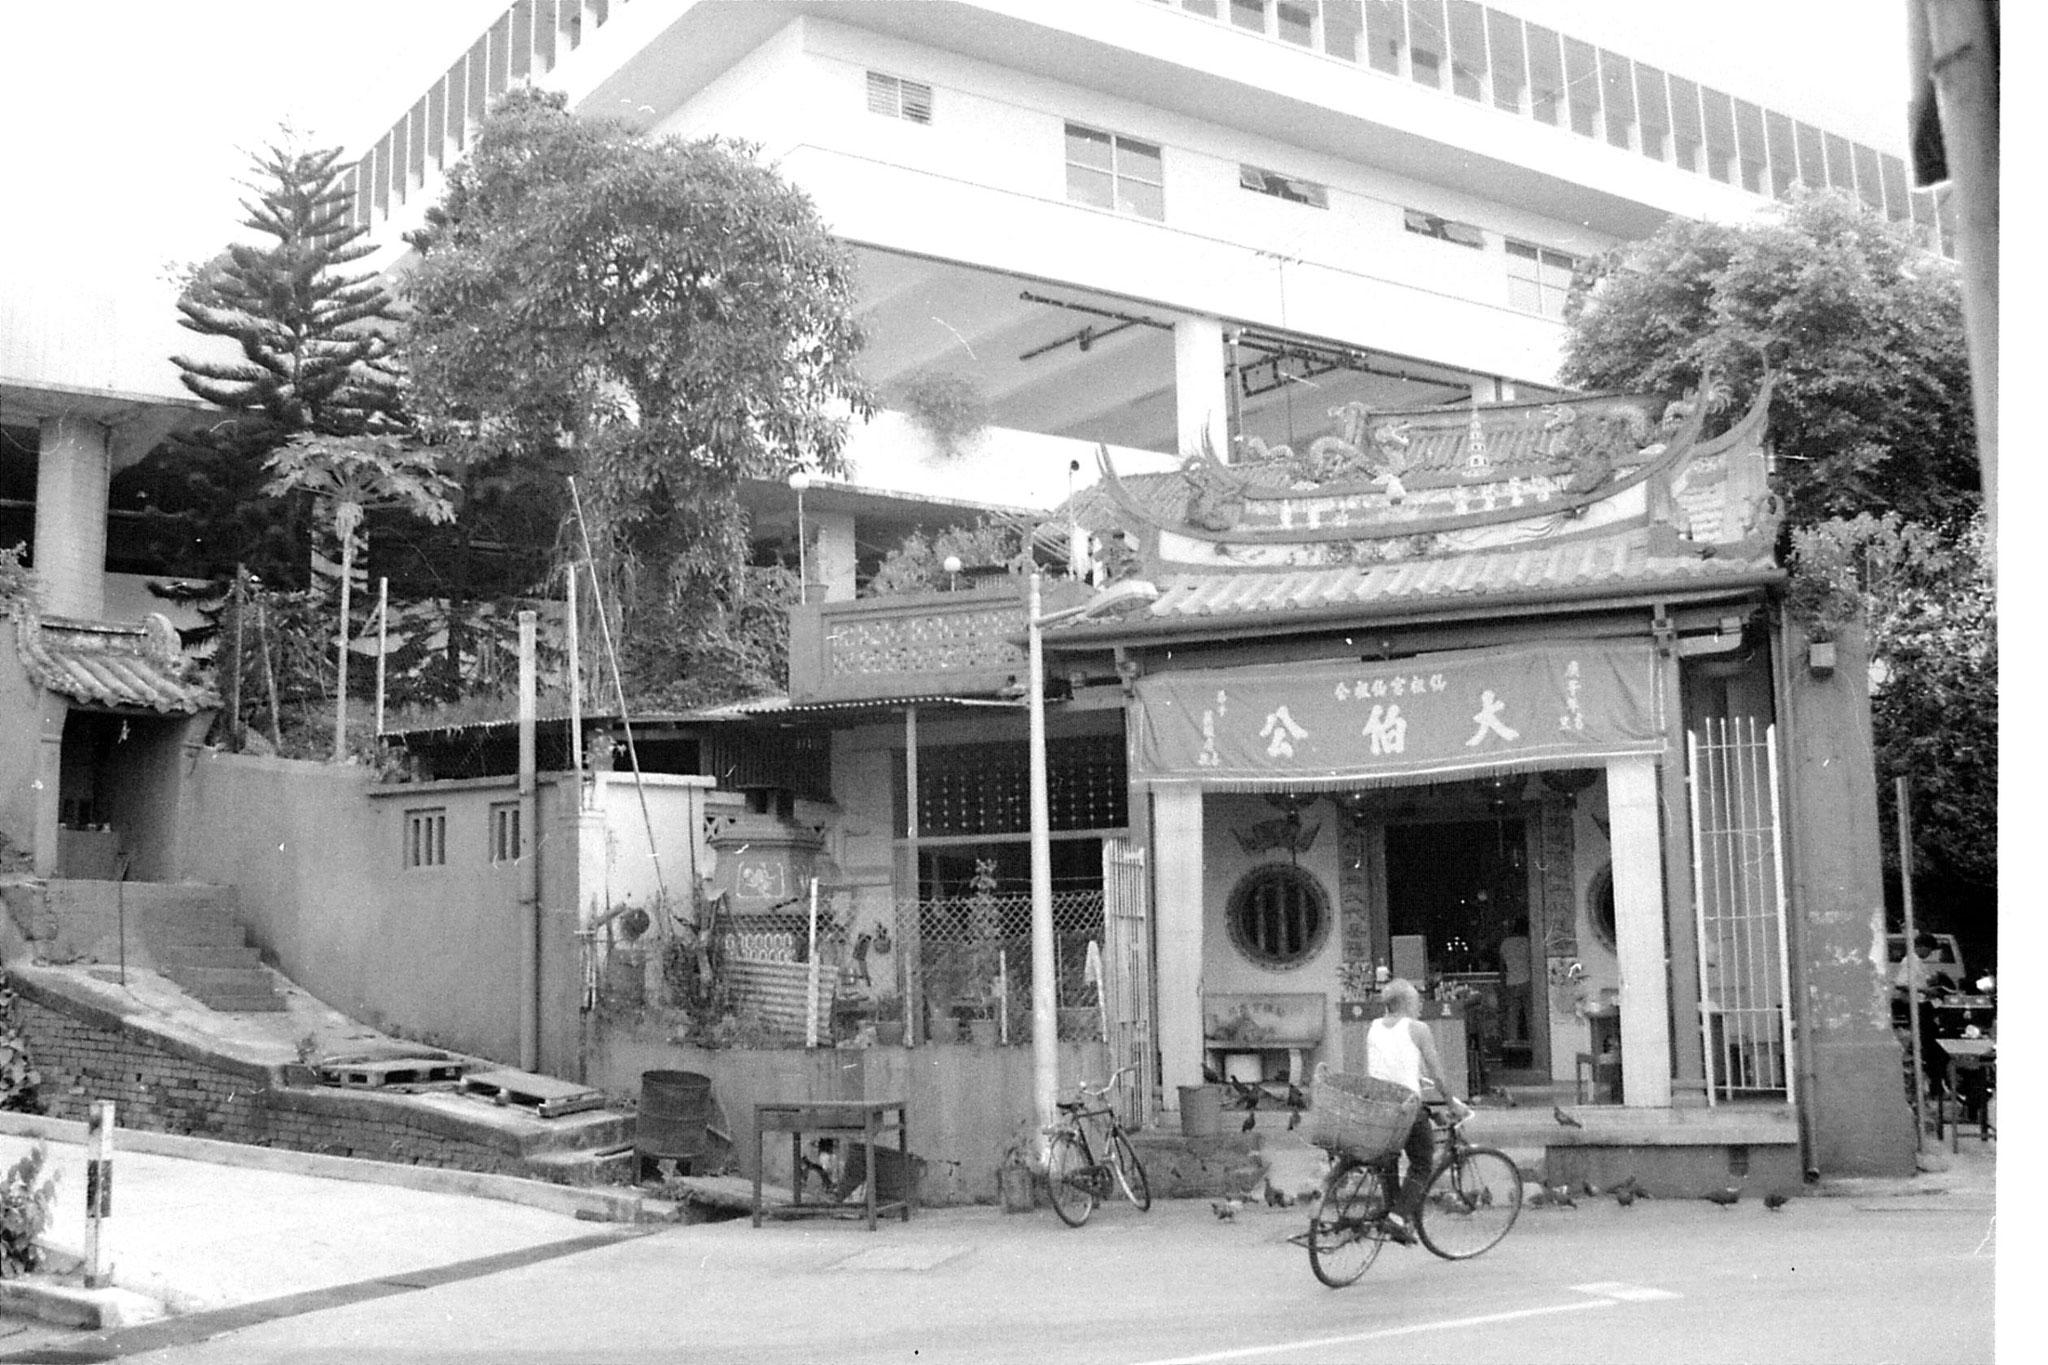 2/7/1990: 28: Singapore Chinatown